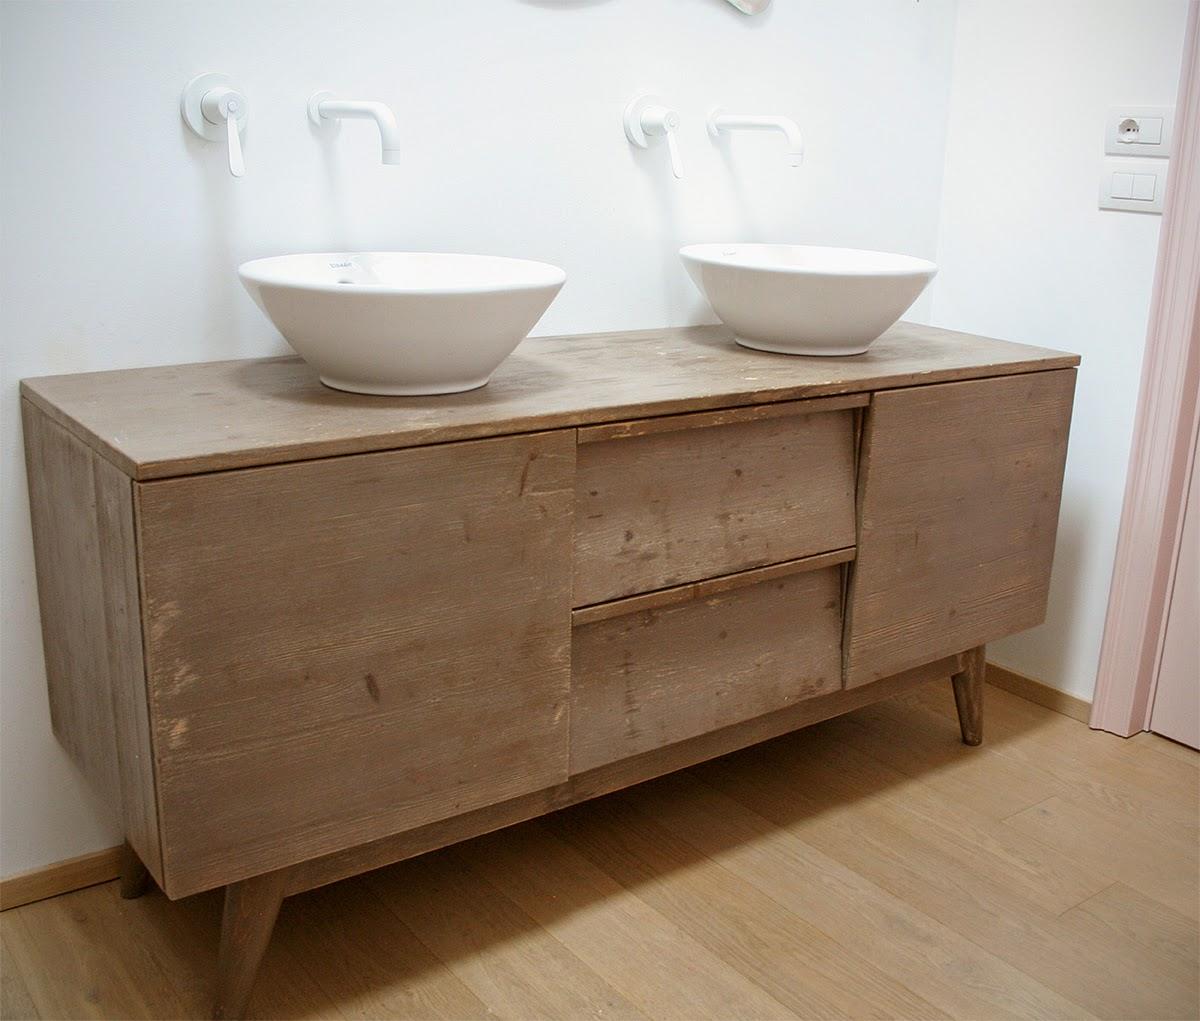 Boiserie e cucine su misura 2014 03 30 - Mobili bagno legno massiccio ...